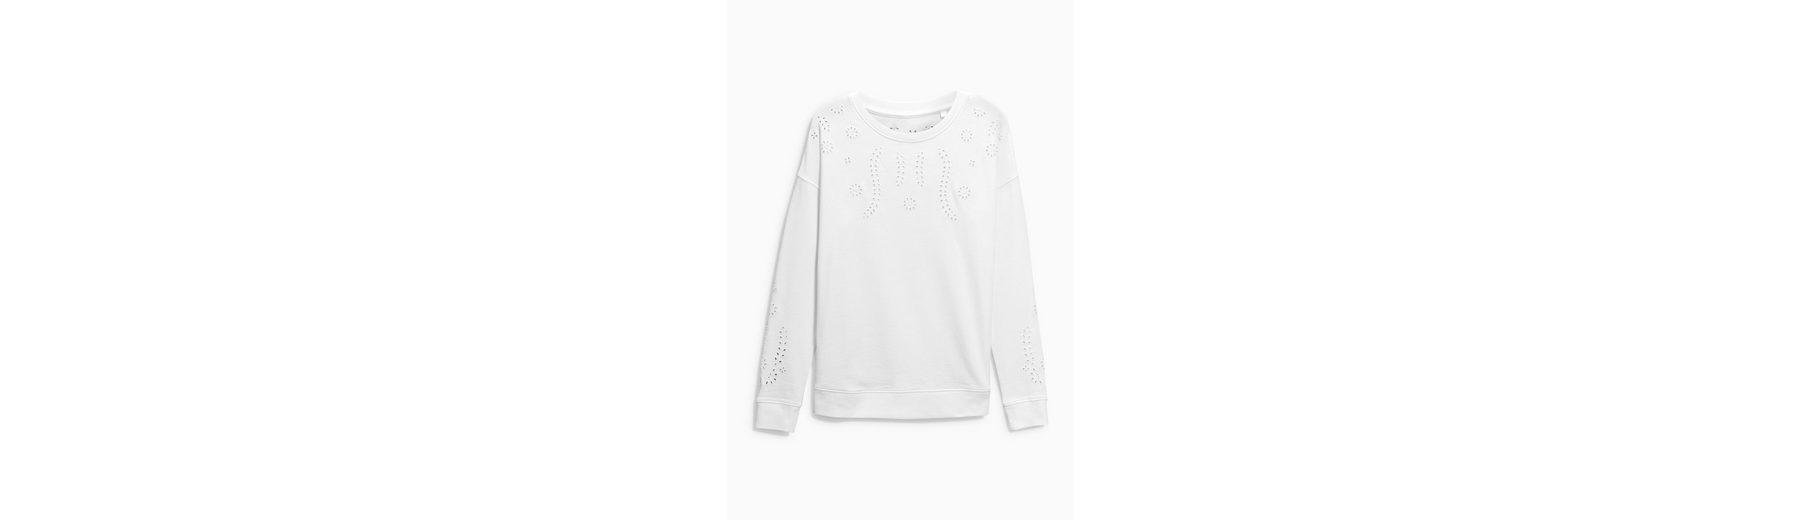 Kaufen Billig Großhandelspreis Next Sweatshirt mit Stickerei Besuchen Neue Verkauf Sammlungen Spielraum In Mode Auslass Extrem JYHcISw48J